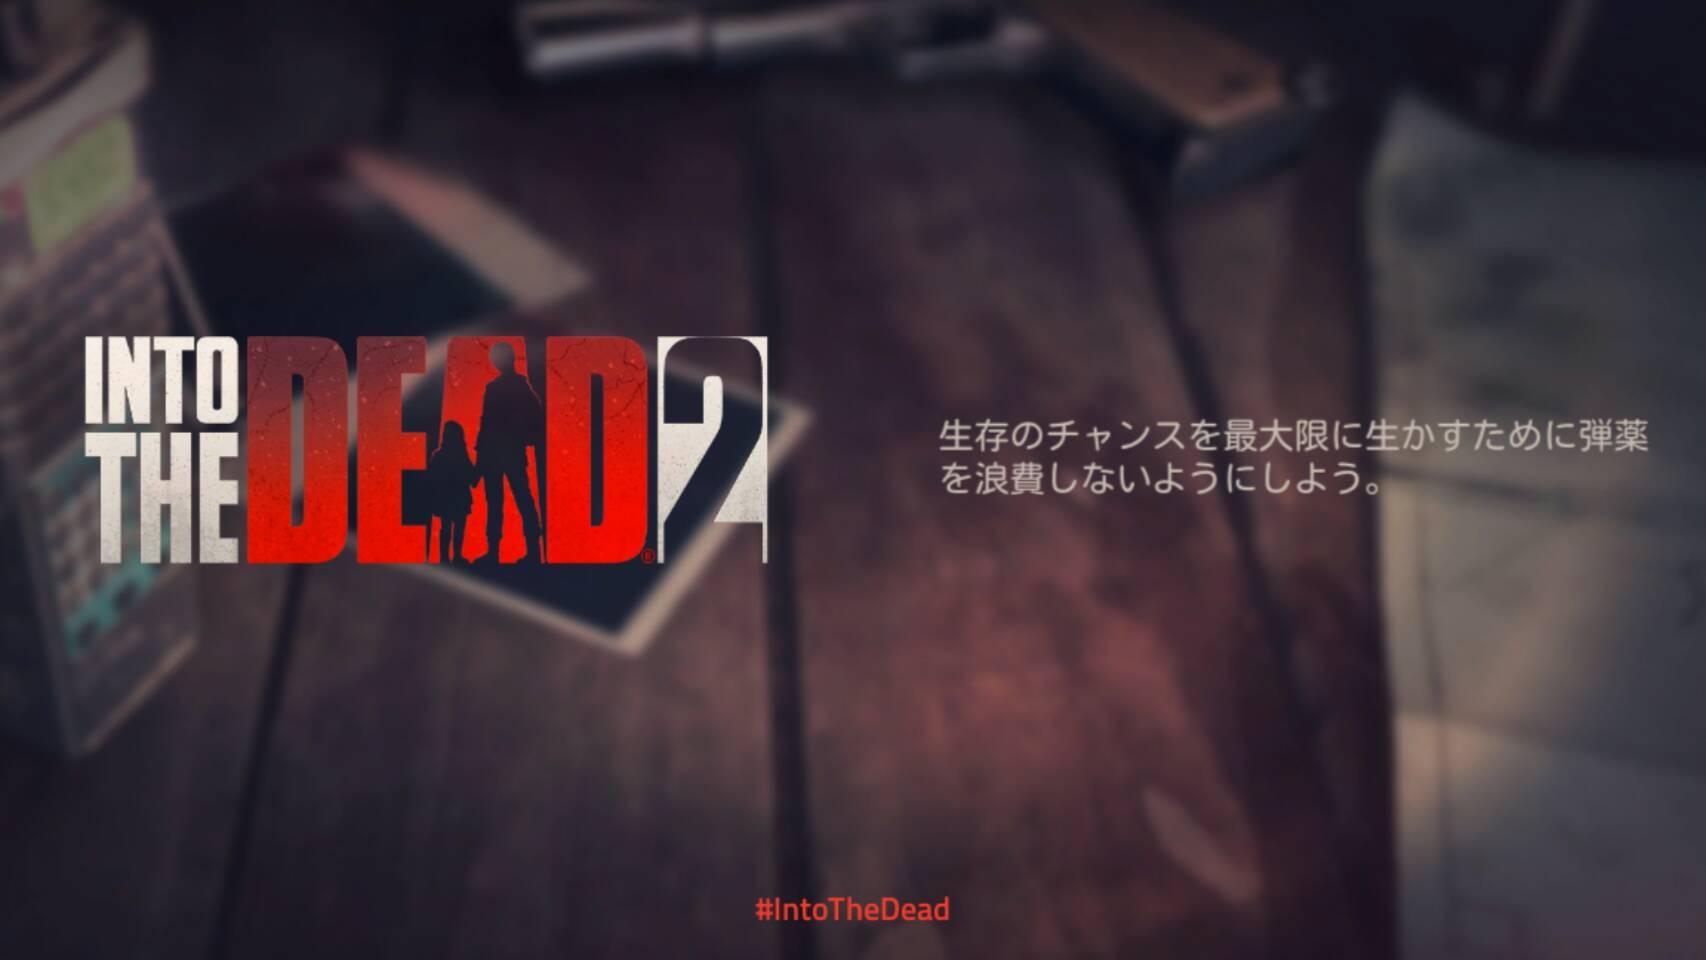 into the dead2(イントゥザデッド2)の序盤攻略!リセマラは無し?